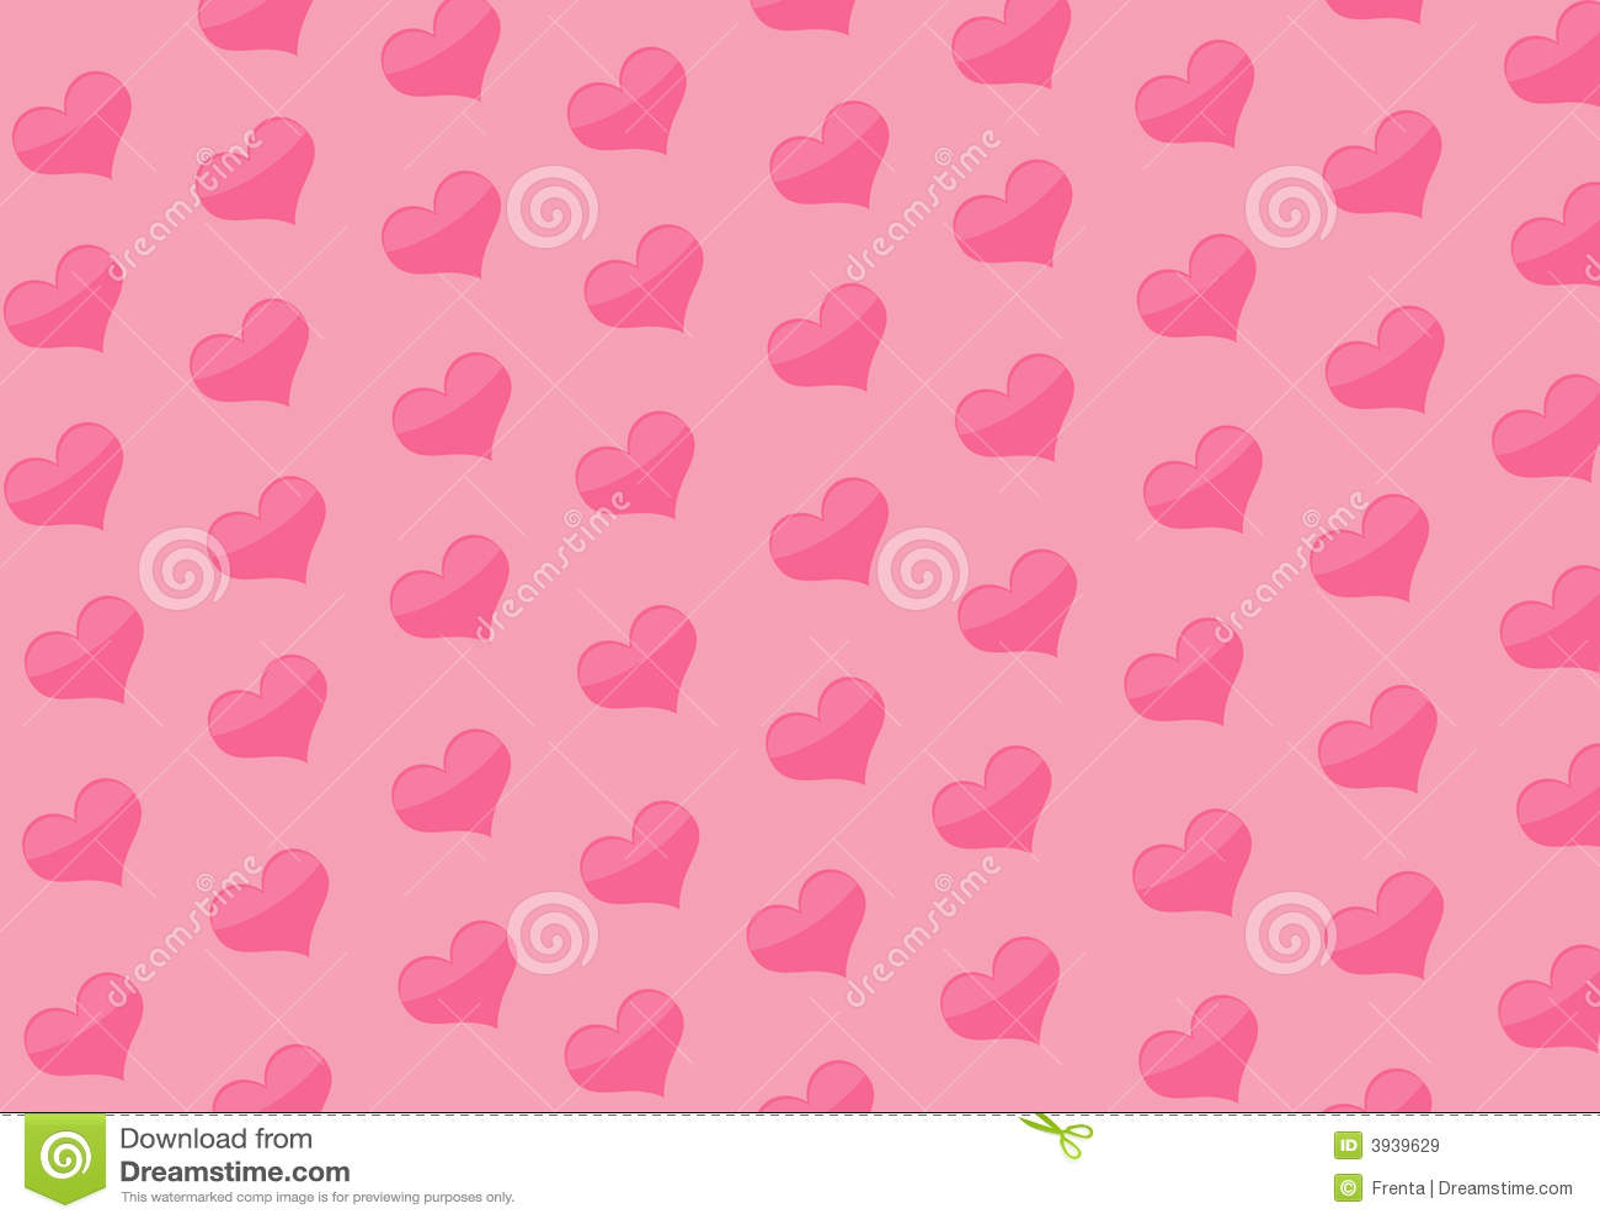 Fond Avec Des Coeurs De Couleur Rose Images Libres De